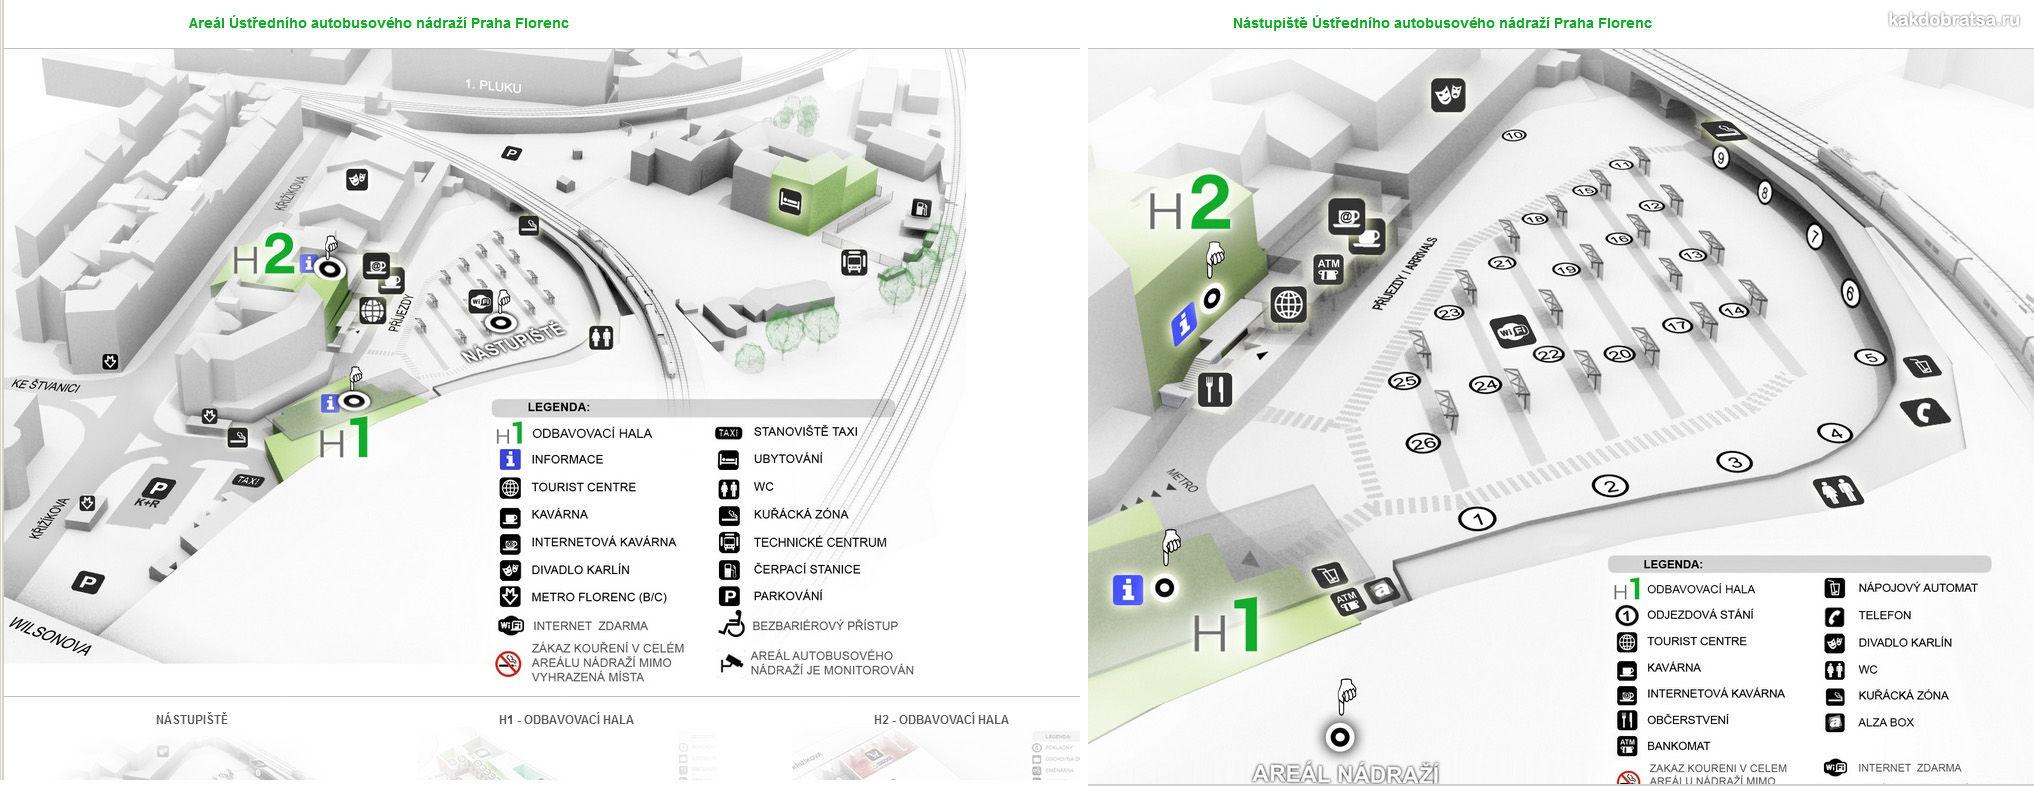 Карта центральный главный автовокзал Флоренс Прага